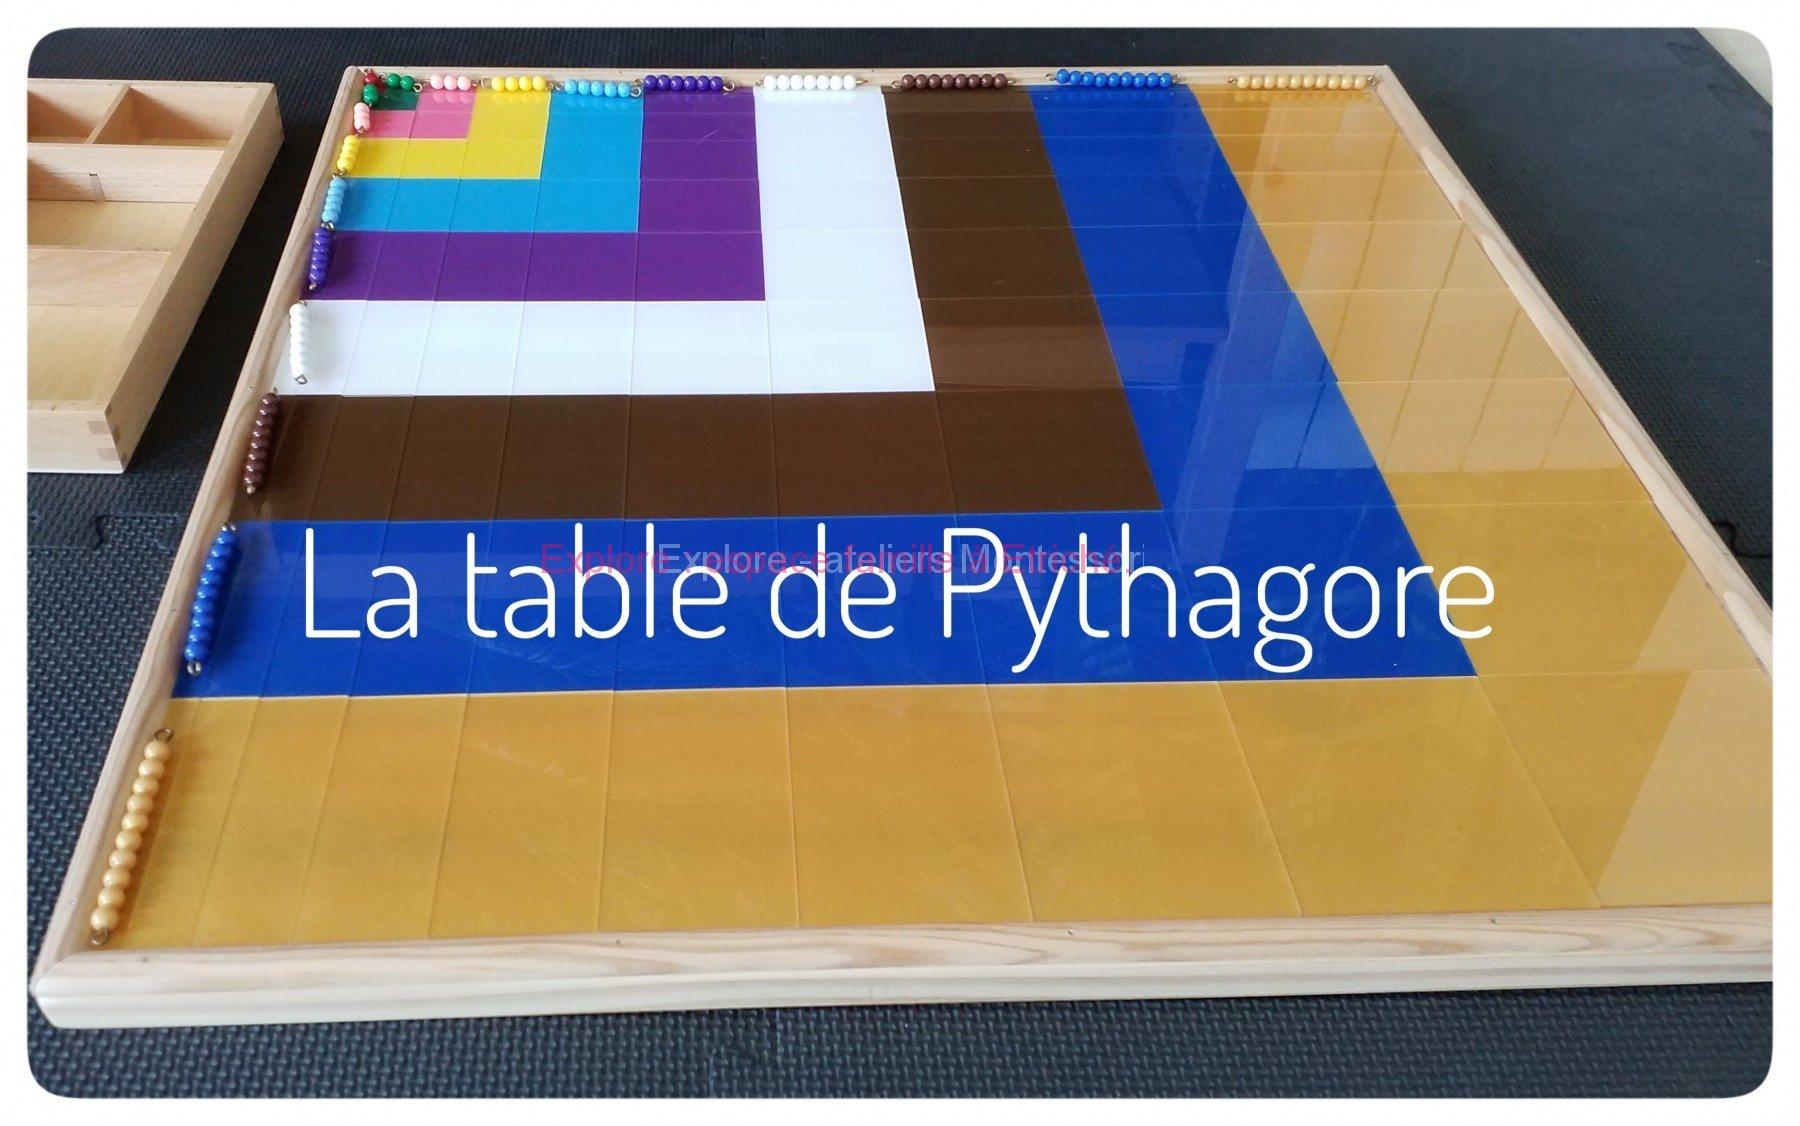 Soutien scolaire Montessori à Angers